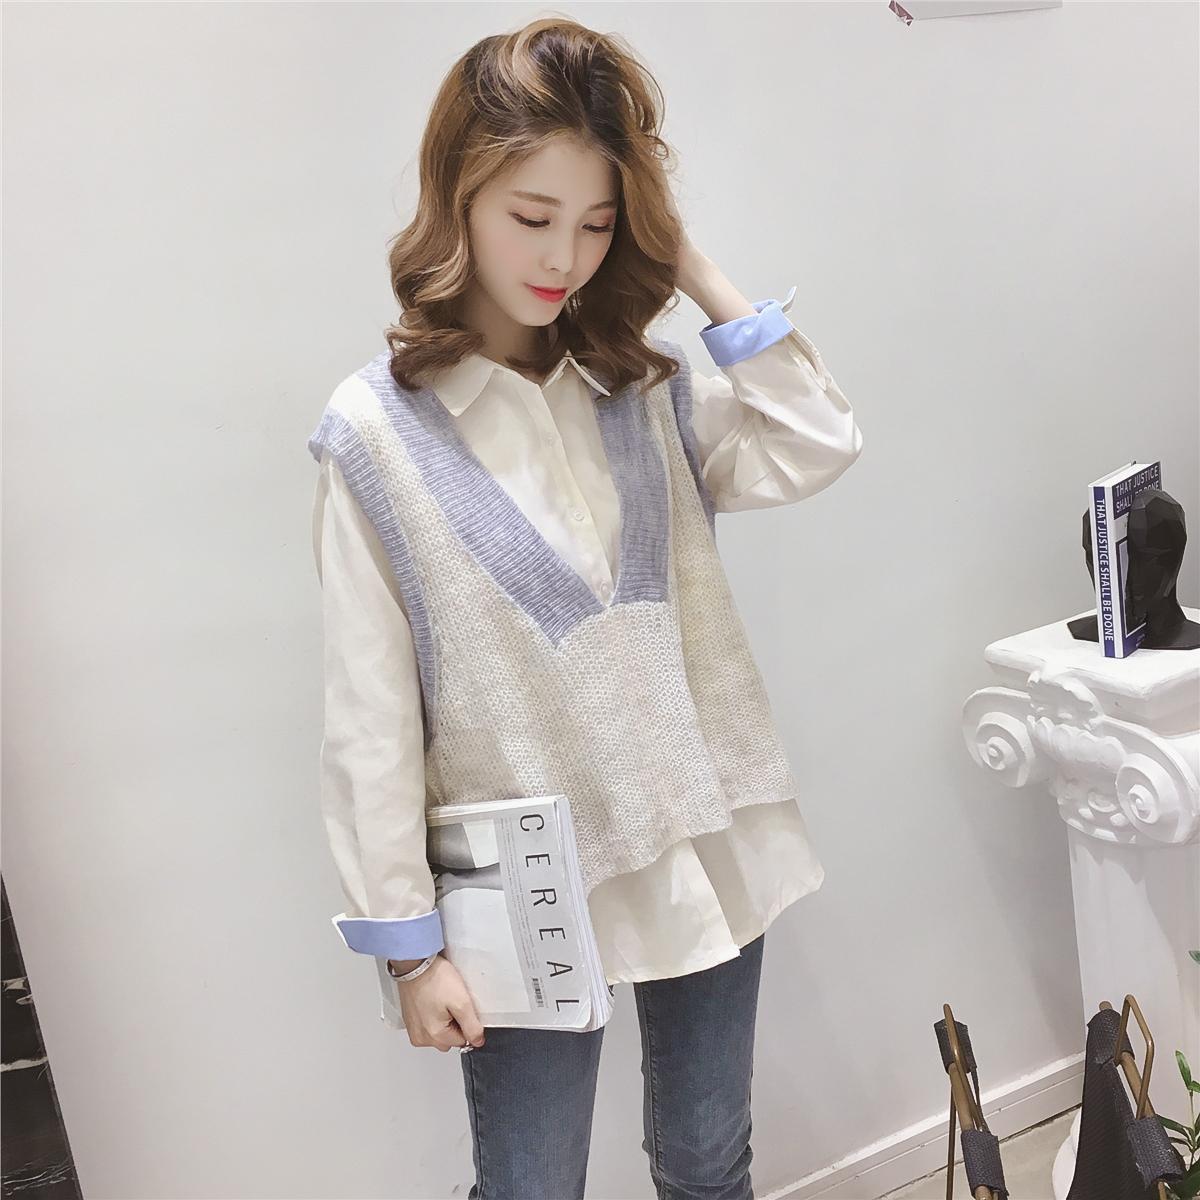 Ранняя осень 2018 года новая коллекция Хан Фан Ма Хаймао v-образный вырез трикотажный жилет с рубашка комплект женщина популярный для отдыха два наборы